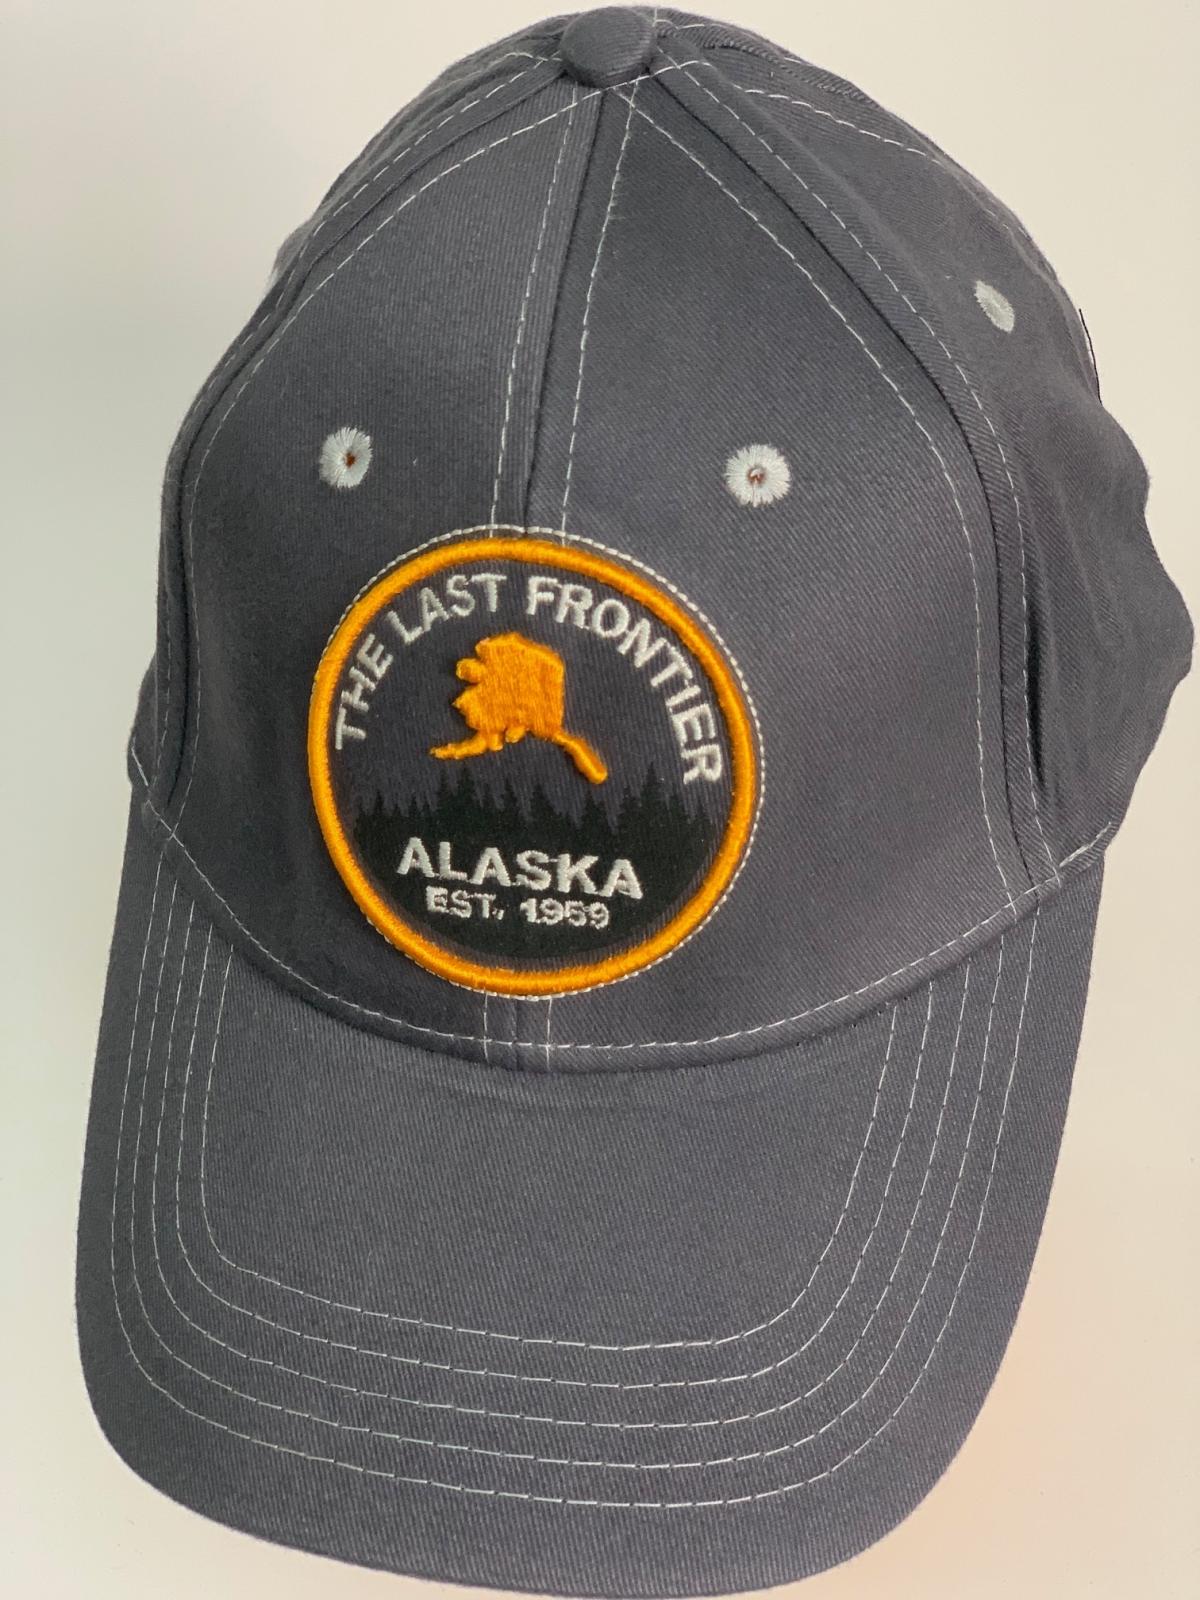 Бейсболка Alaska серого цвета с круглой нашивкой на тулье